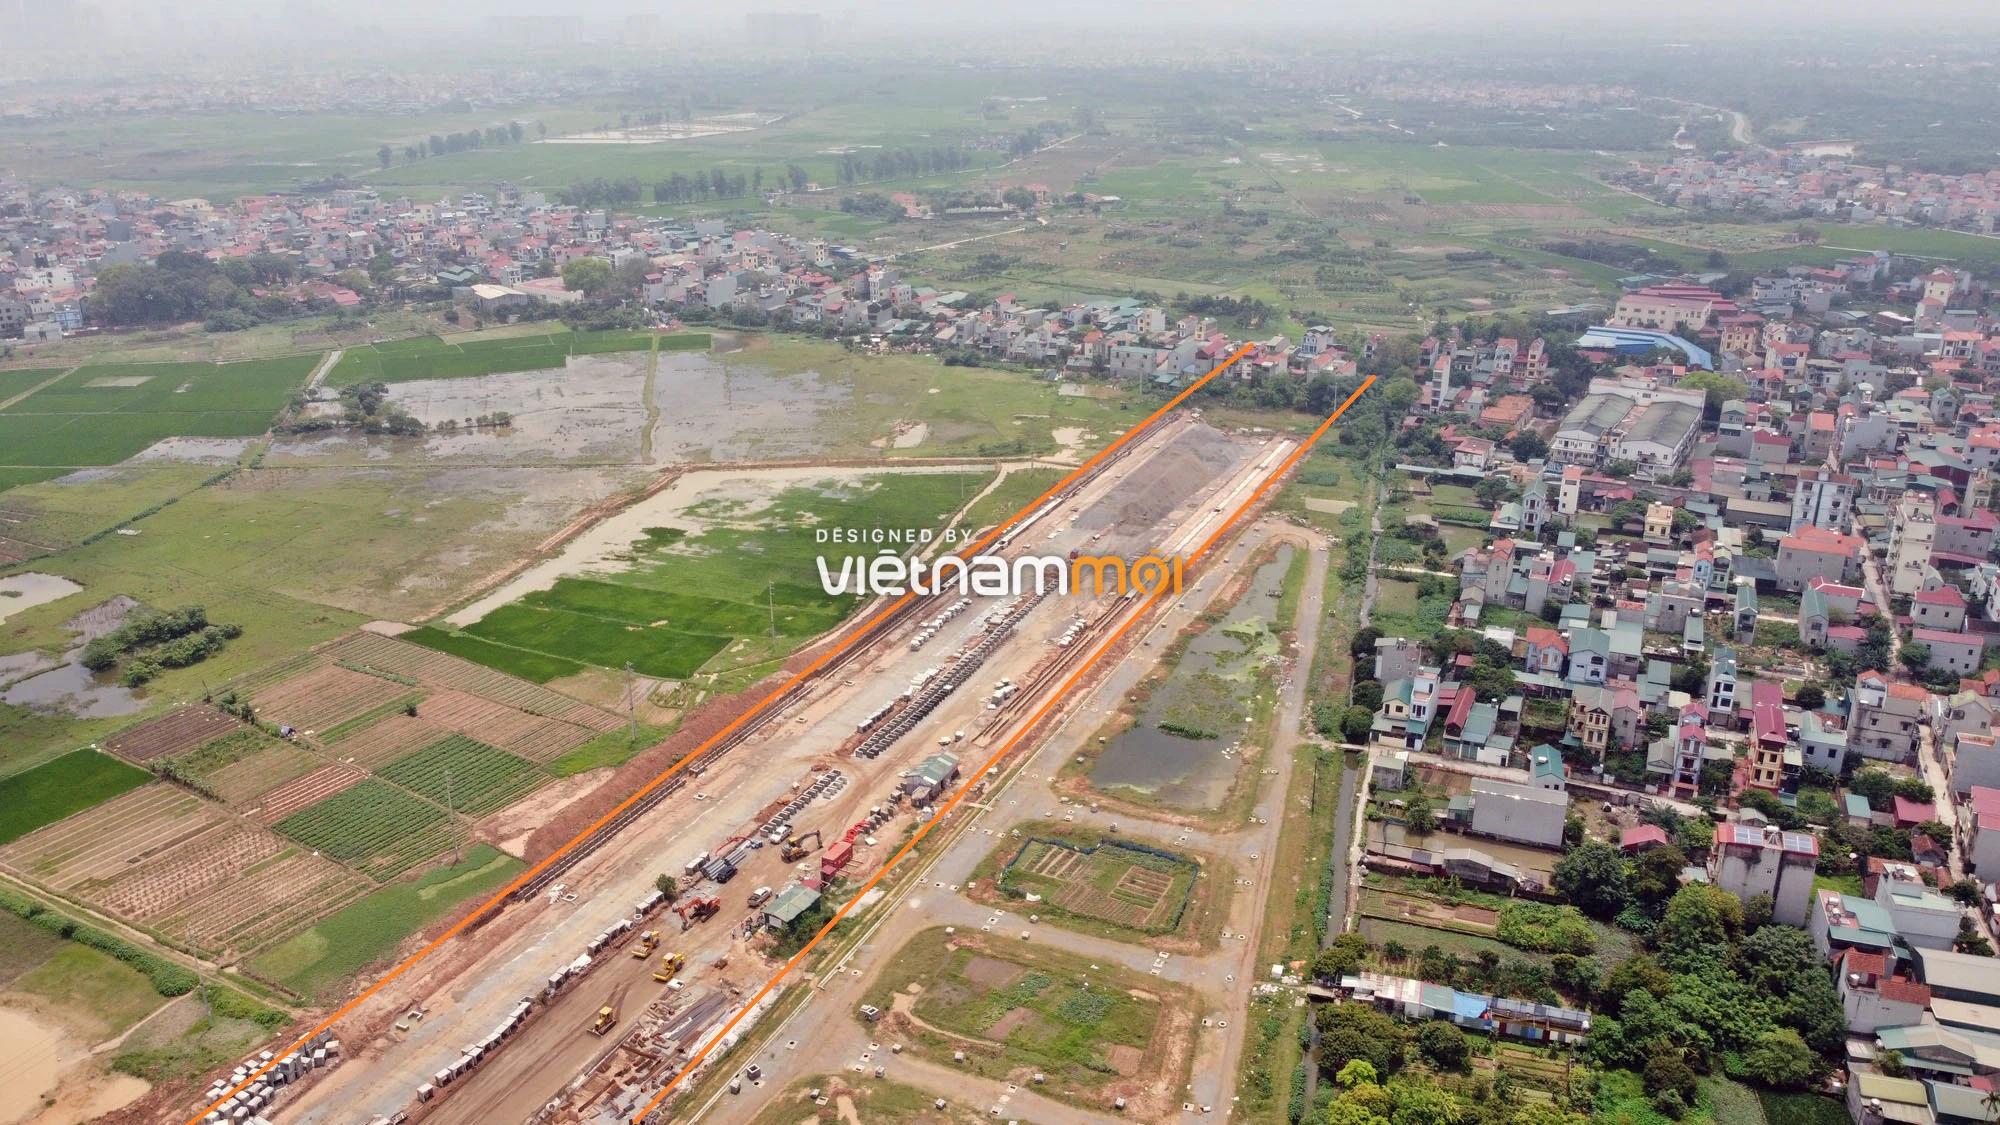 Toàn cảnh đường nối Đại lộ Thăng Long - tỉnh lộ 423 qua KĐT Nam An Khánh đang mở theo quy hoạch ở Hà Nội - Ảnh 13.